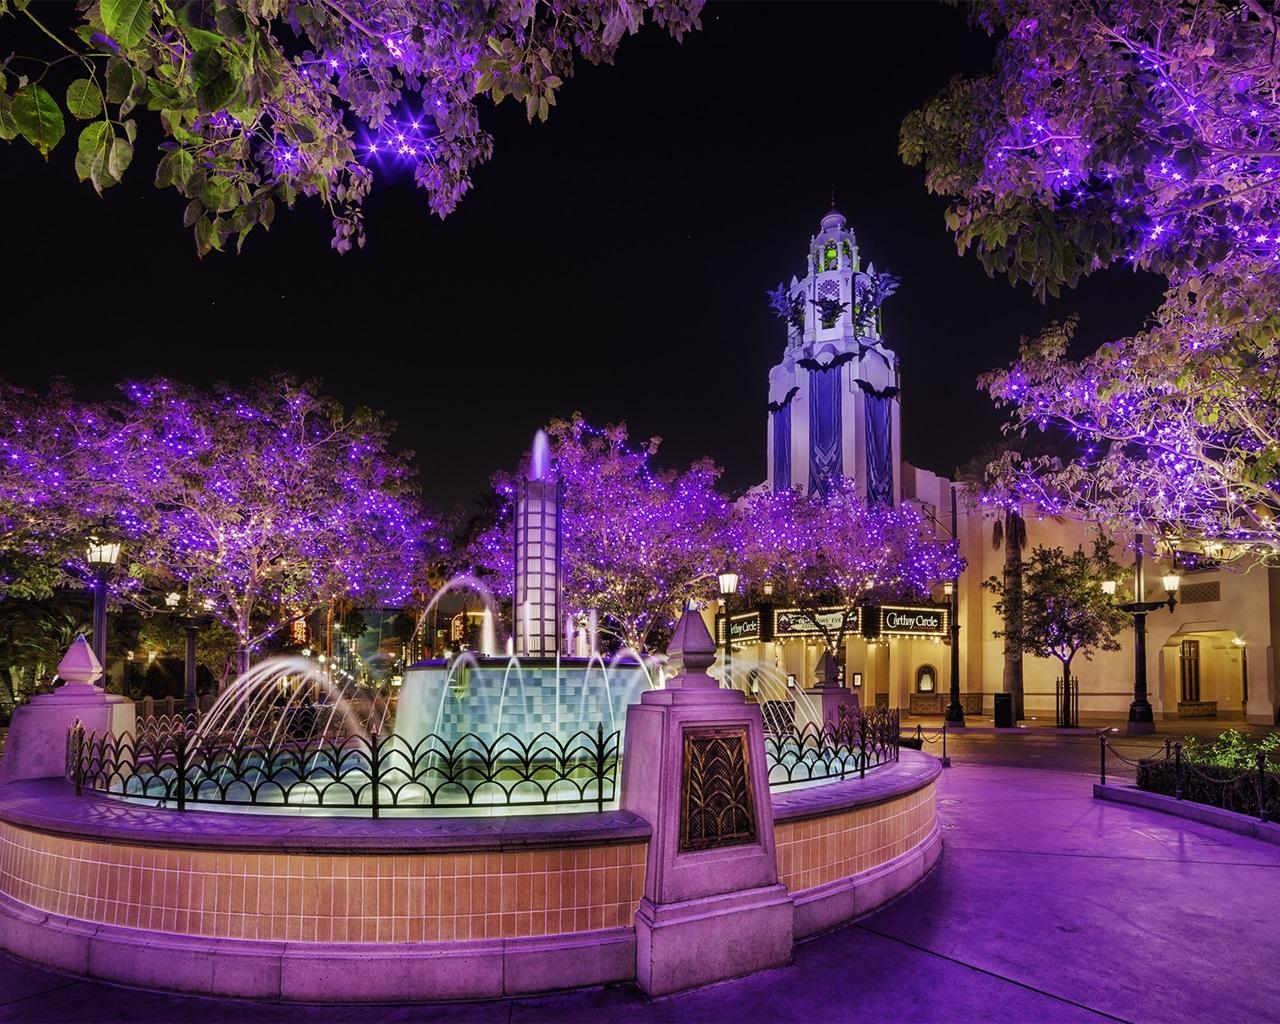 公园,夜晚,树木,灯光,喷泉 壁纸